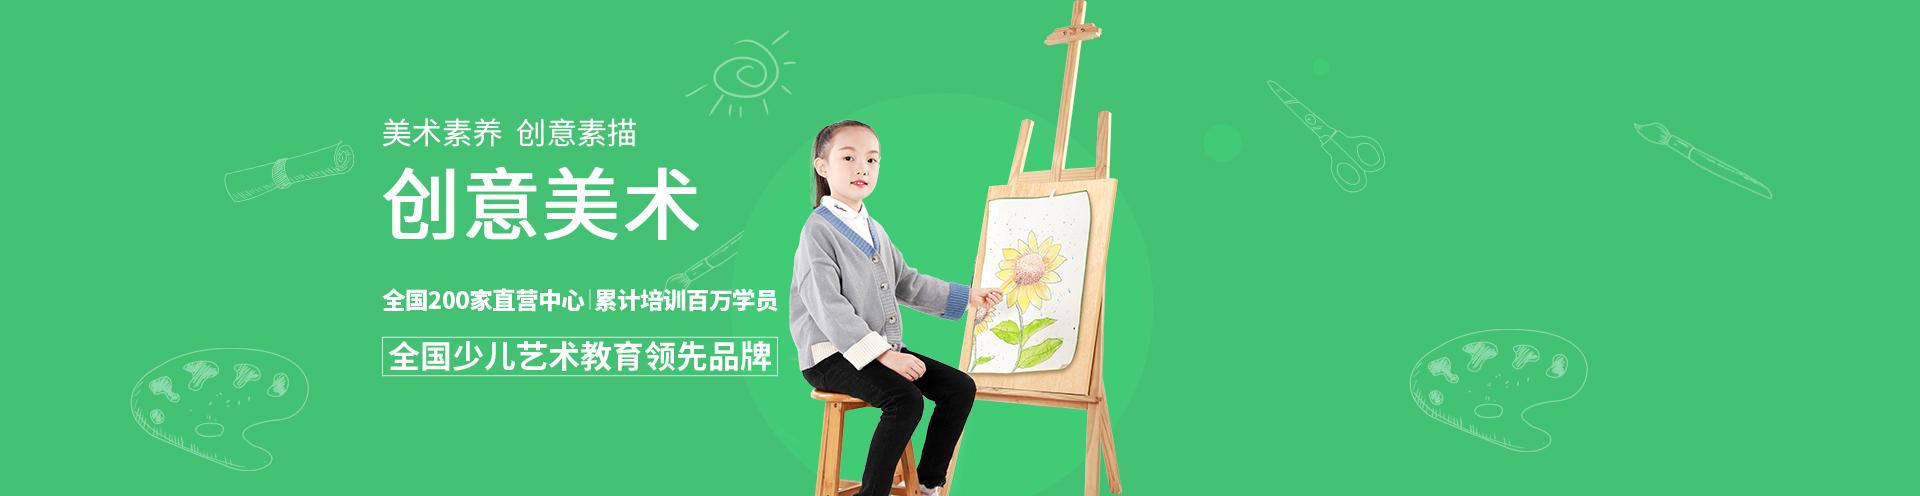 宁波艺朝艺夕创意美术